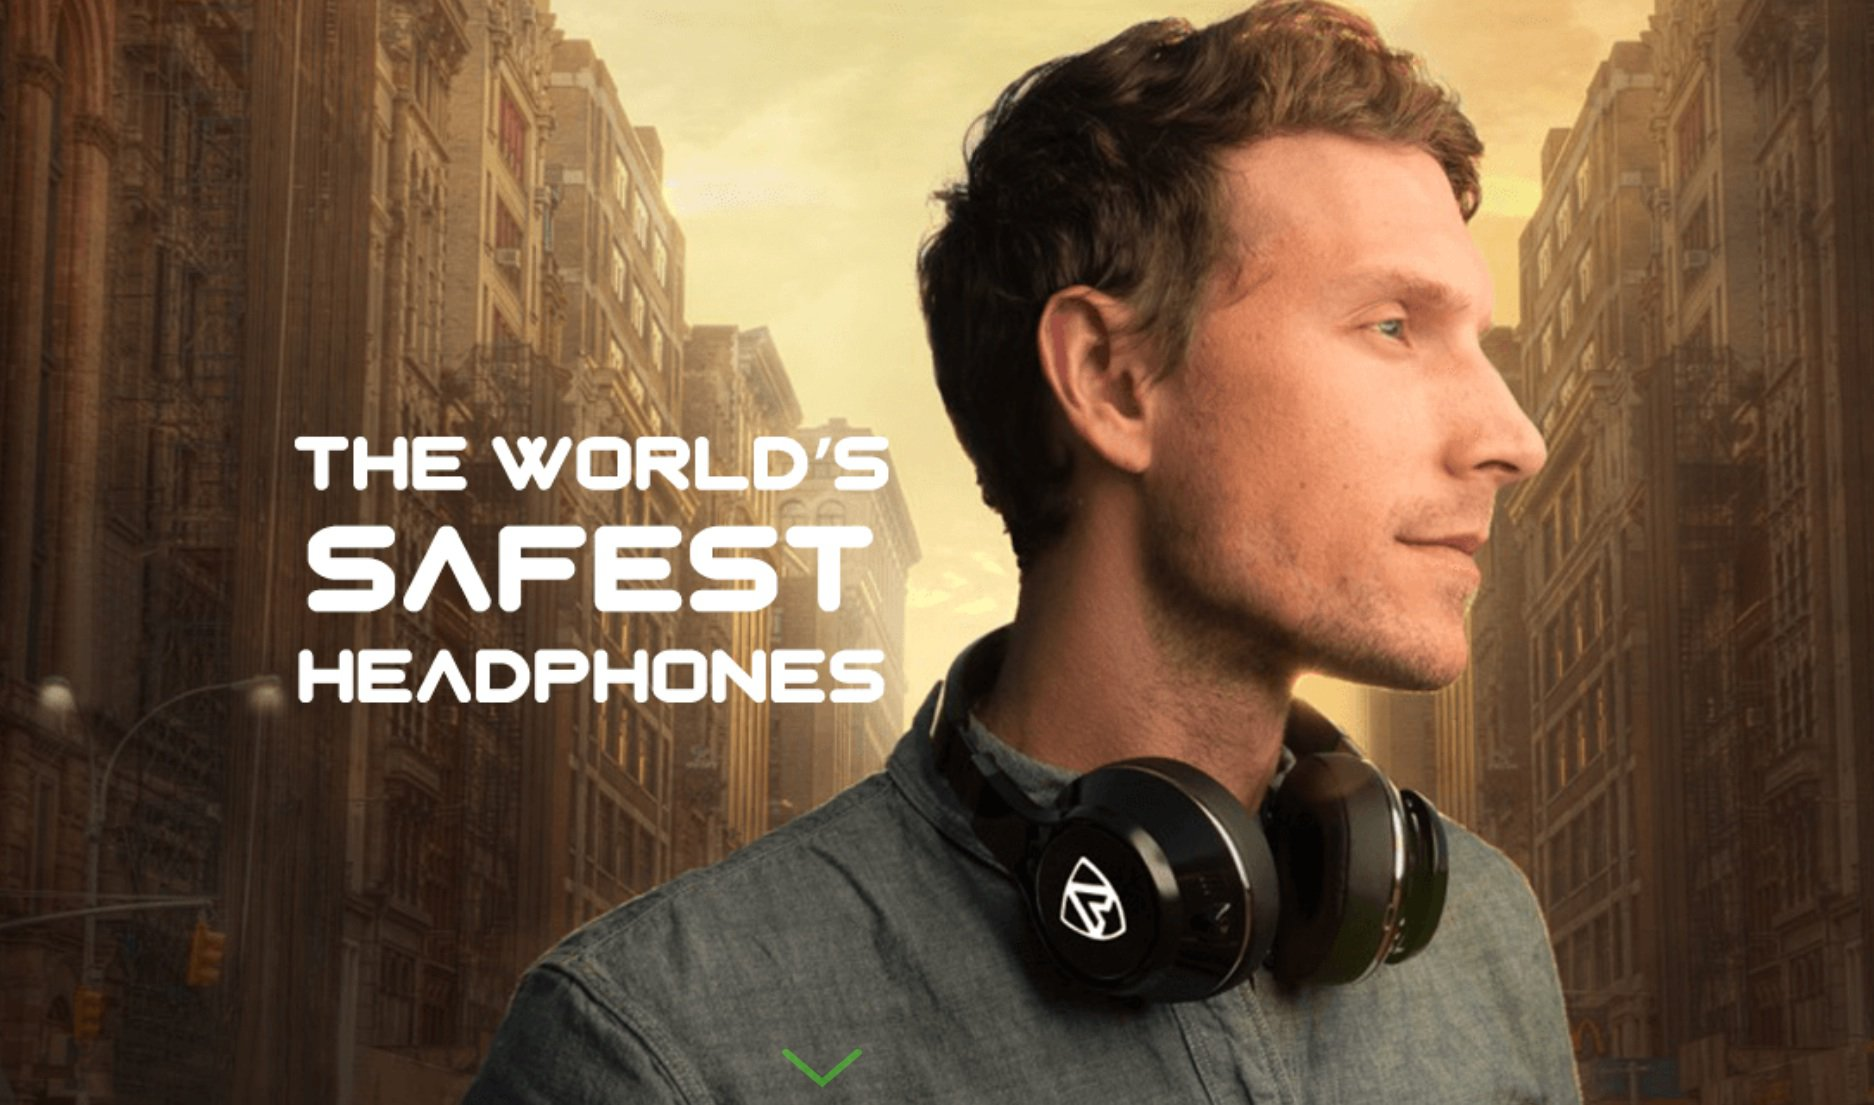 Rimodellano il suono e salvano l'udito: ecco le cuffie più sicure del mondo (create da un 16enne)